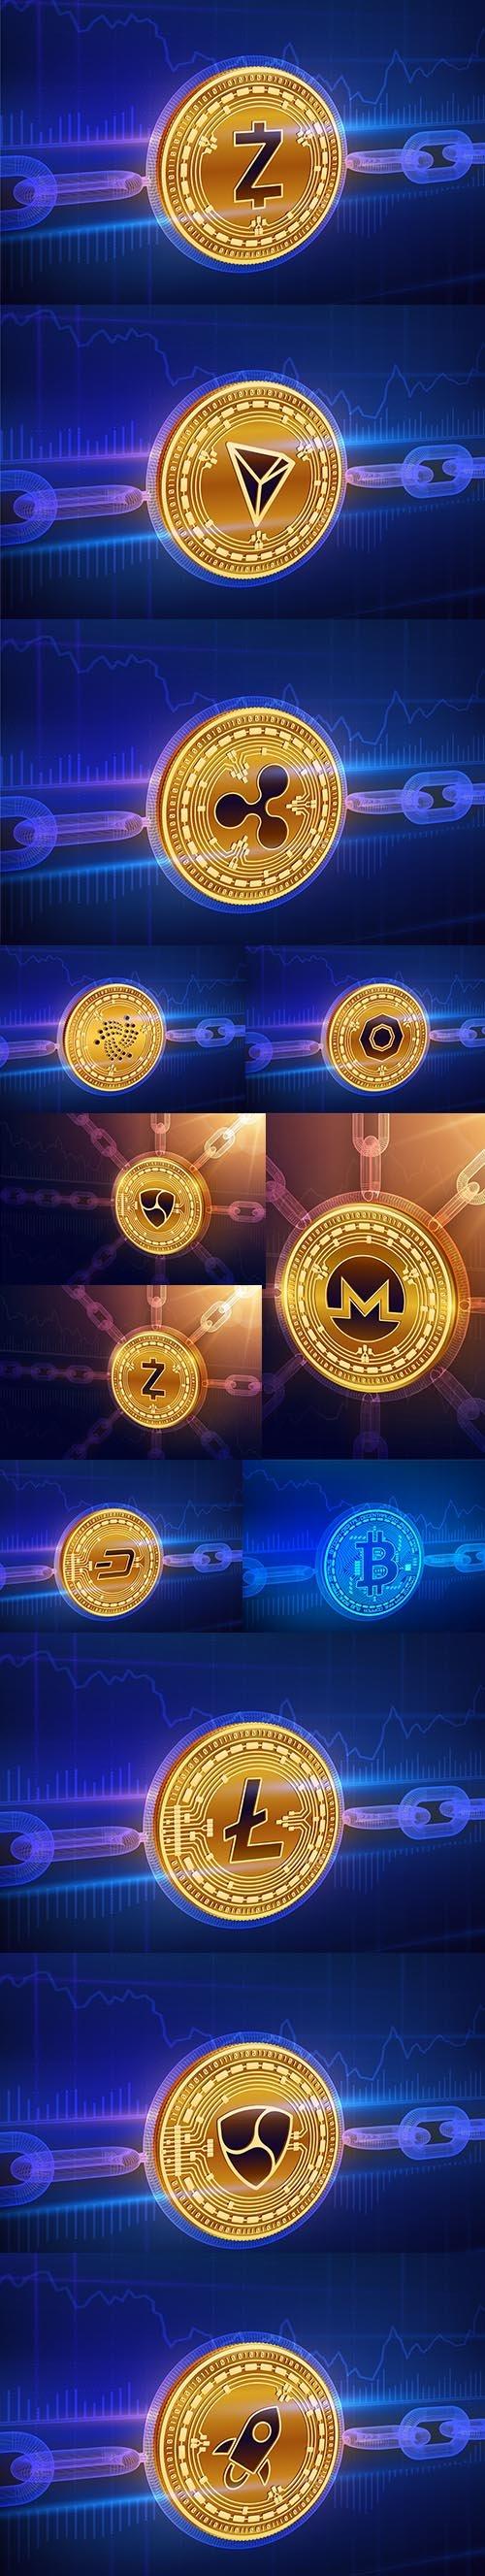 Physical Golden Coin Blockchain Concept